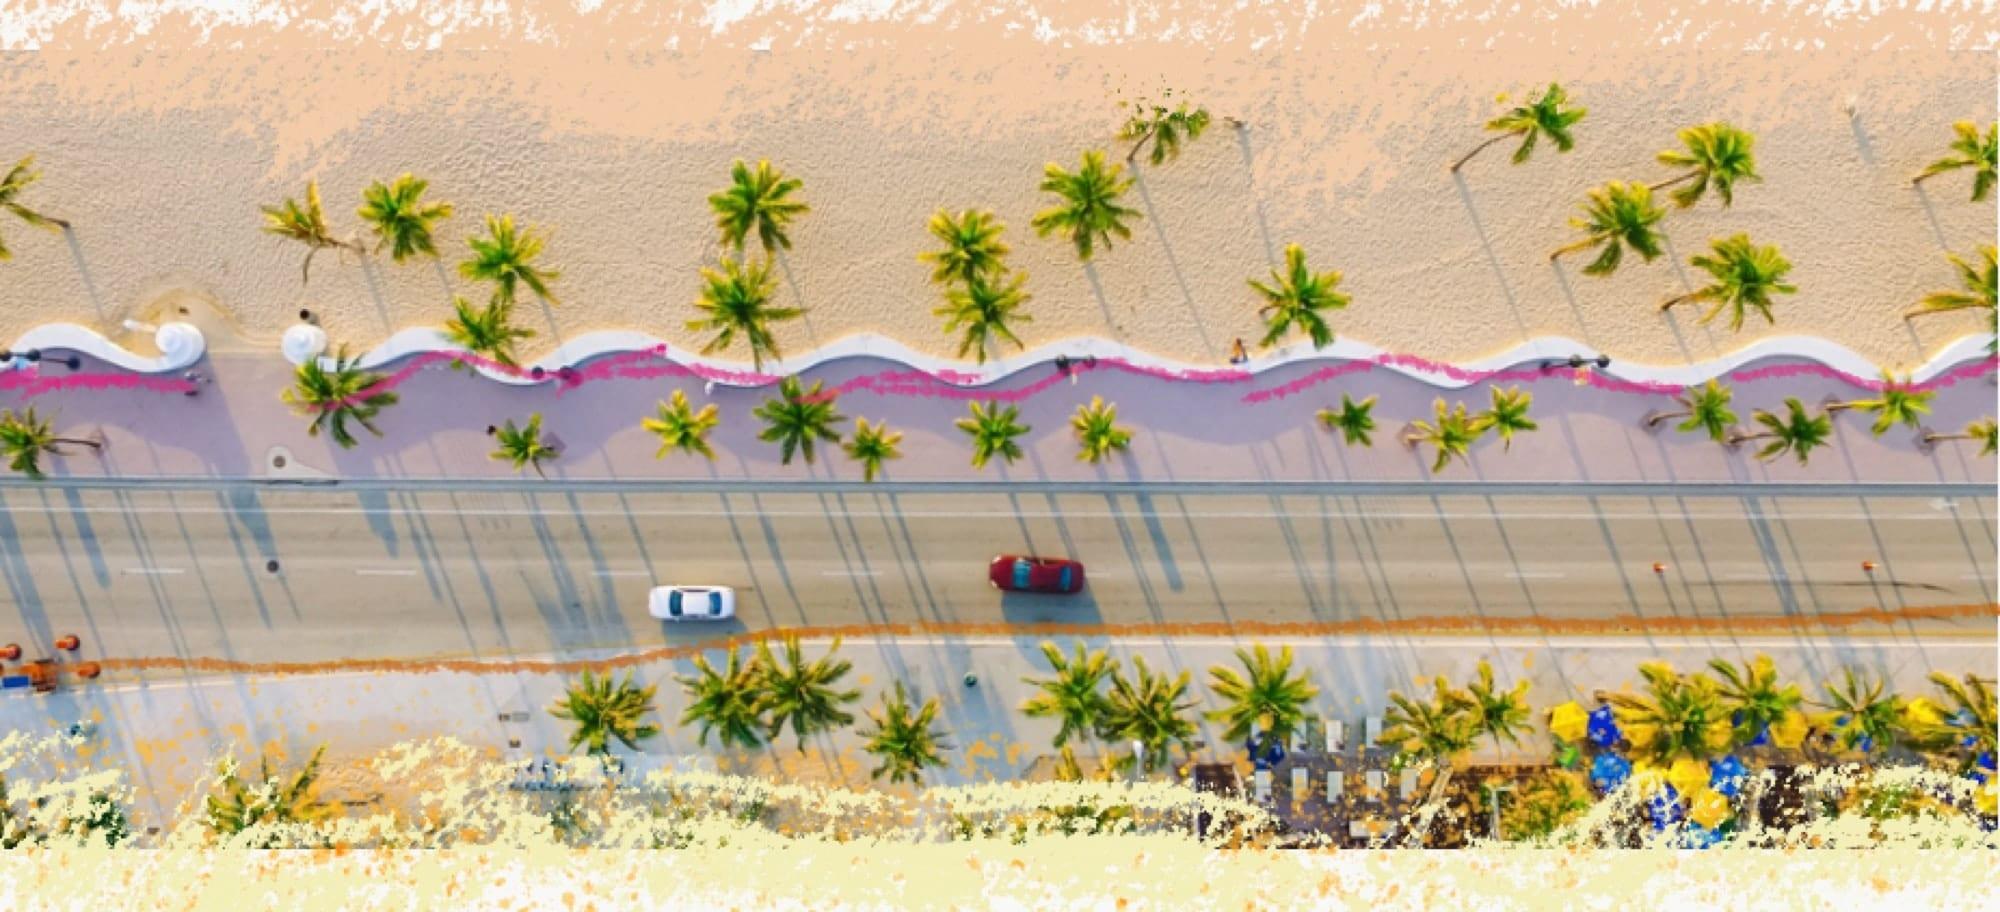 immagine di una spiaggia con 2 macchine viste dall'alto che richiama al titolo dell'articolo Virtù e infradito